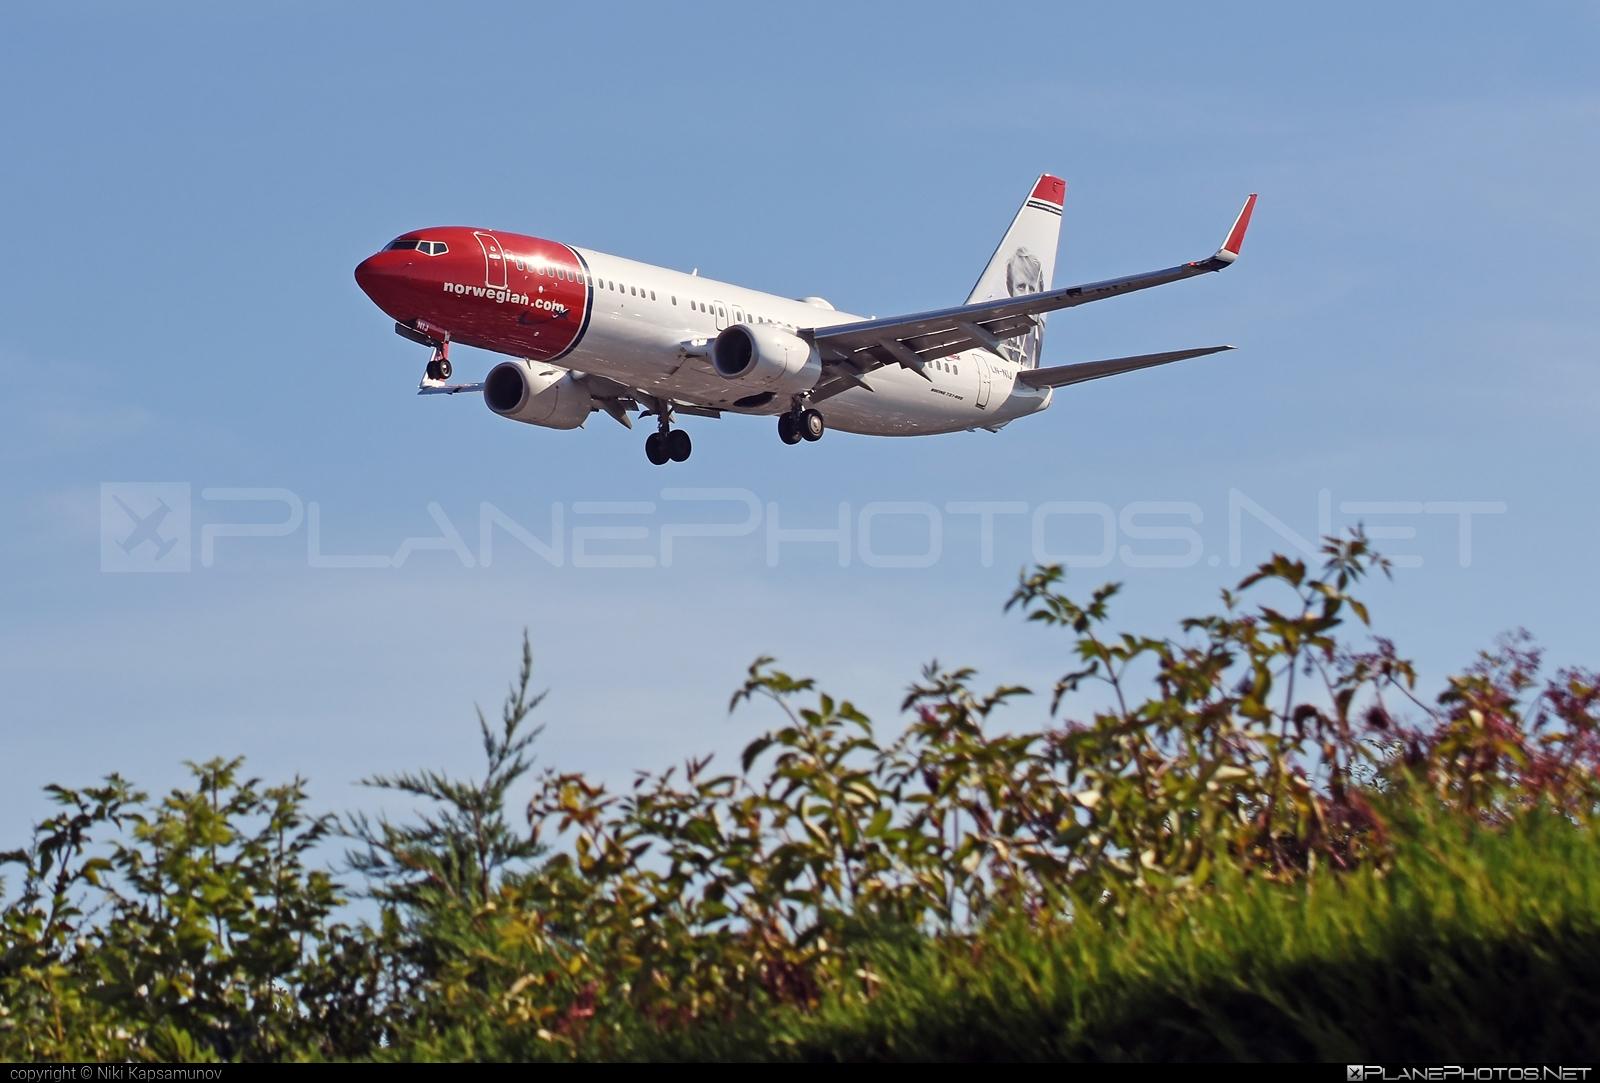 Boeing 737-800 - LN-NIJ operated by Norwegian Air Shuttle #b737 #b737nextgen #b737ng #boeing #boeing737 #norwegian #norwegianair #norwegianairshuttle